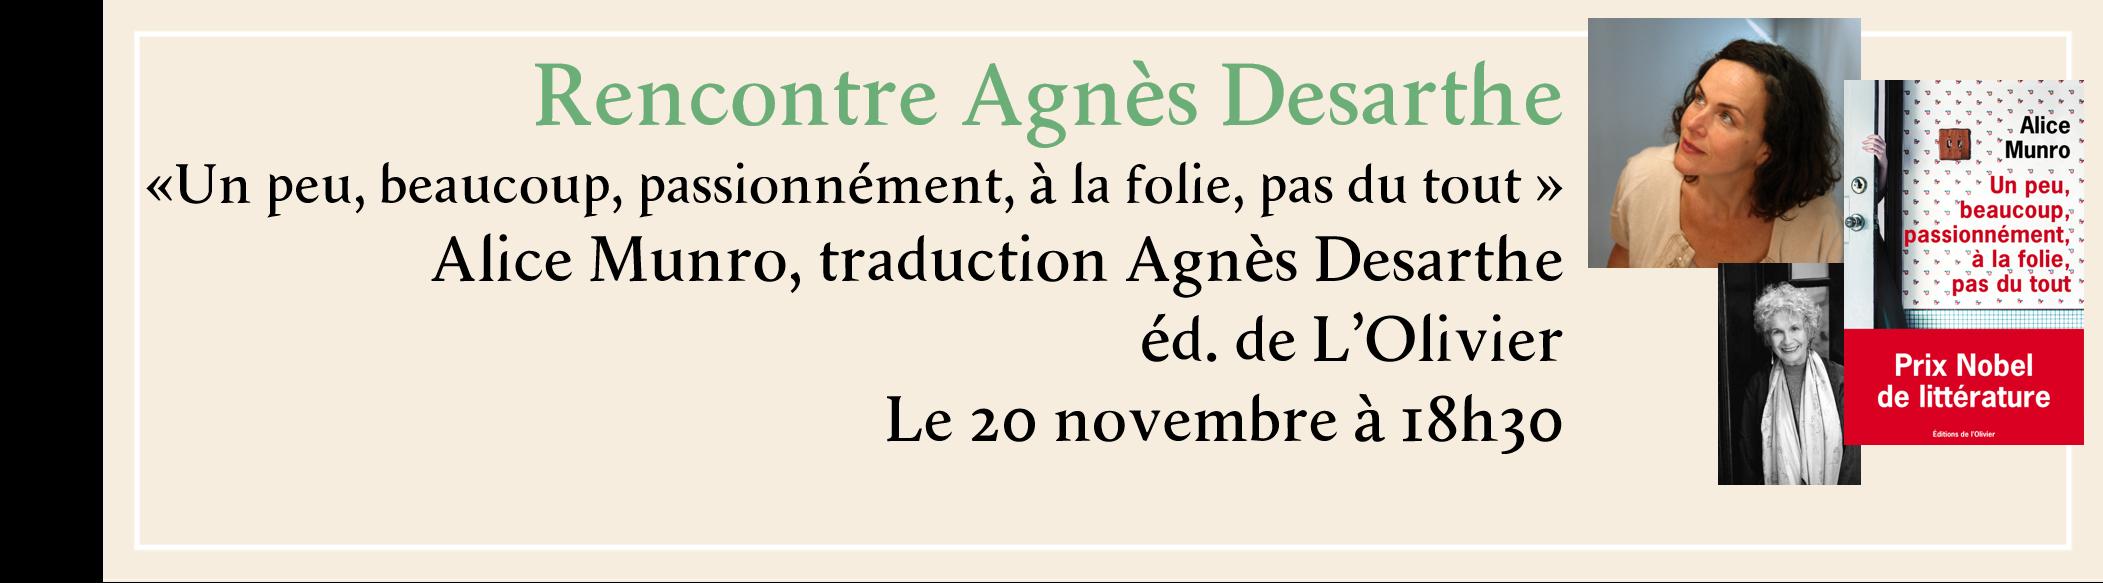 Rencontre Agnès Desarthe